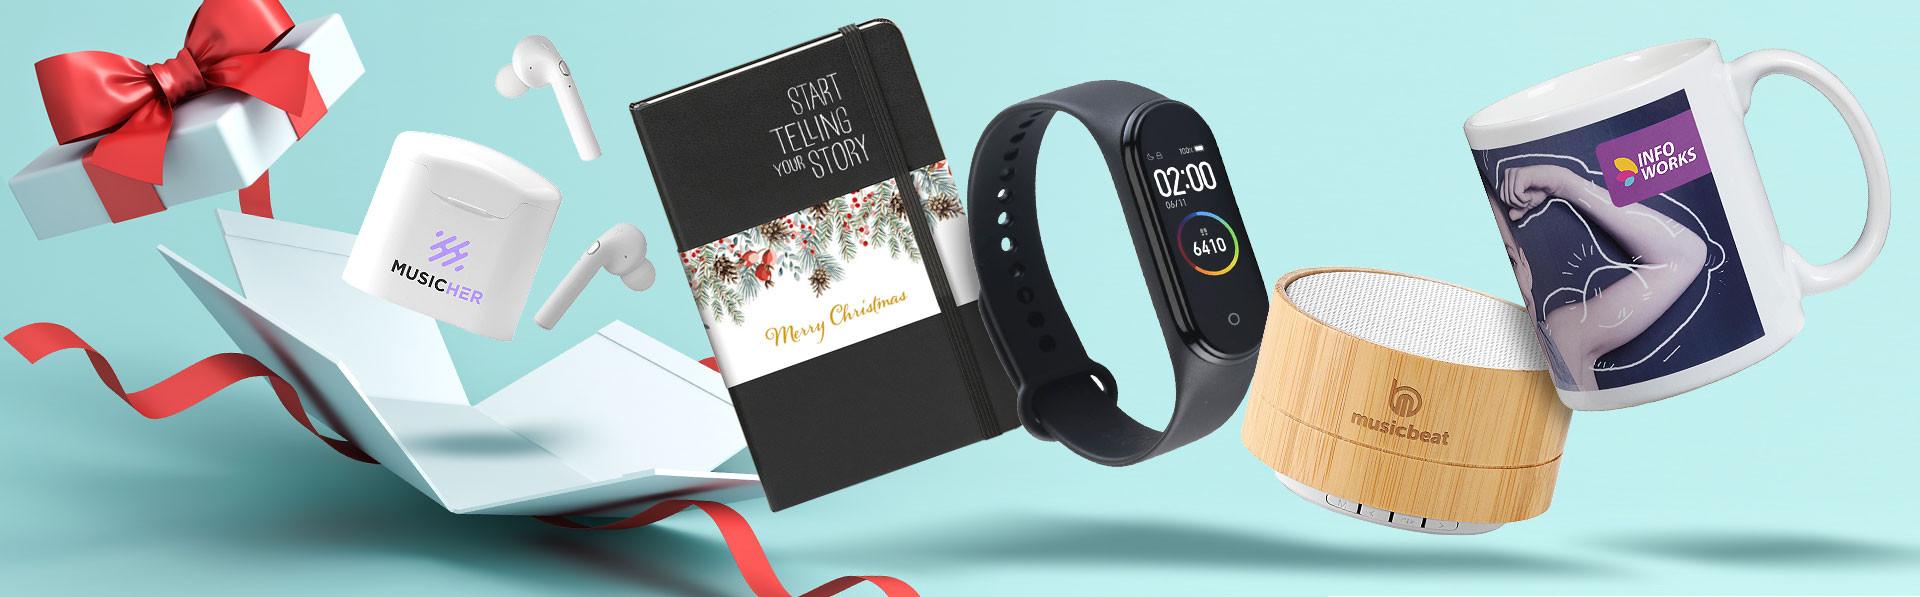 Eventi Virtuali: il gadget arriva direttamente a casa con la Gift Bag